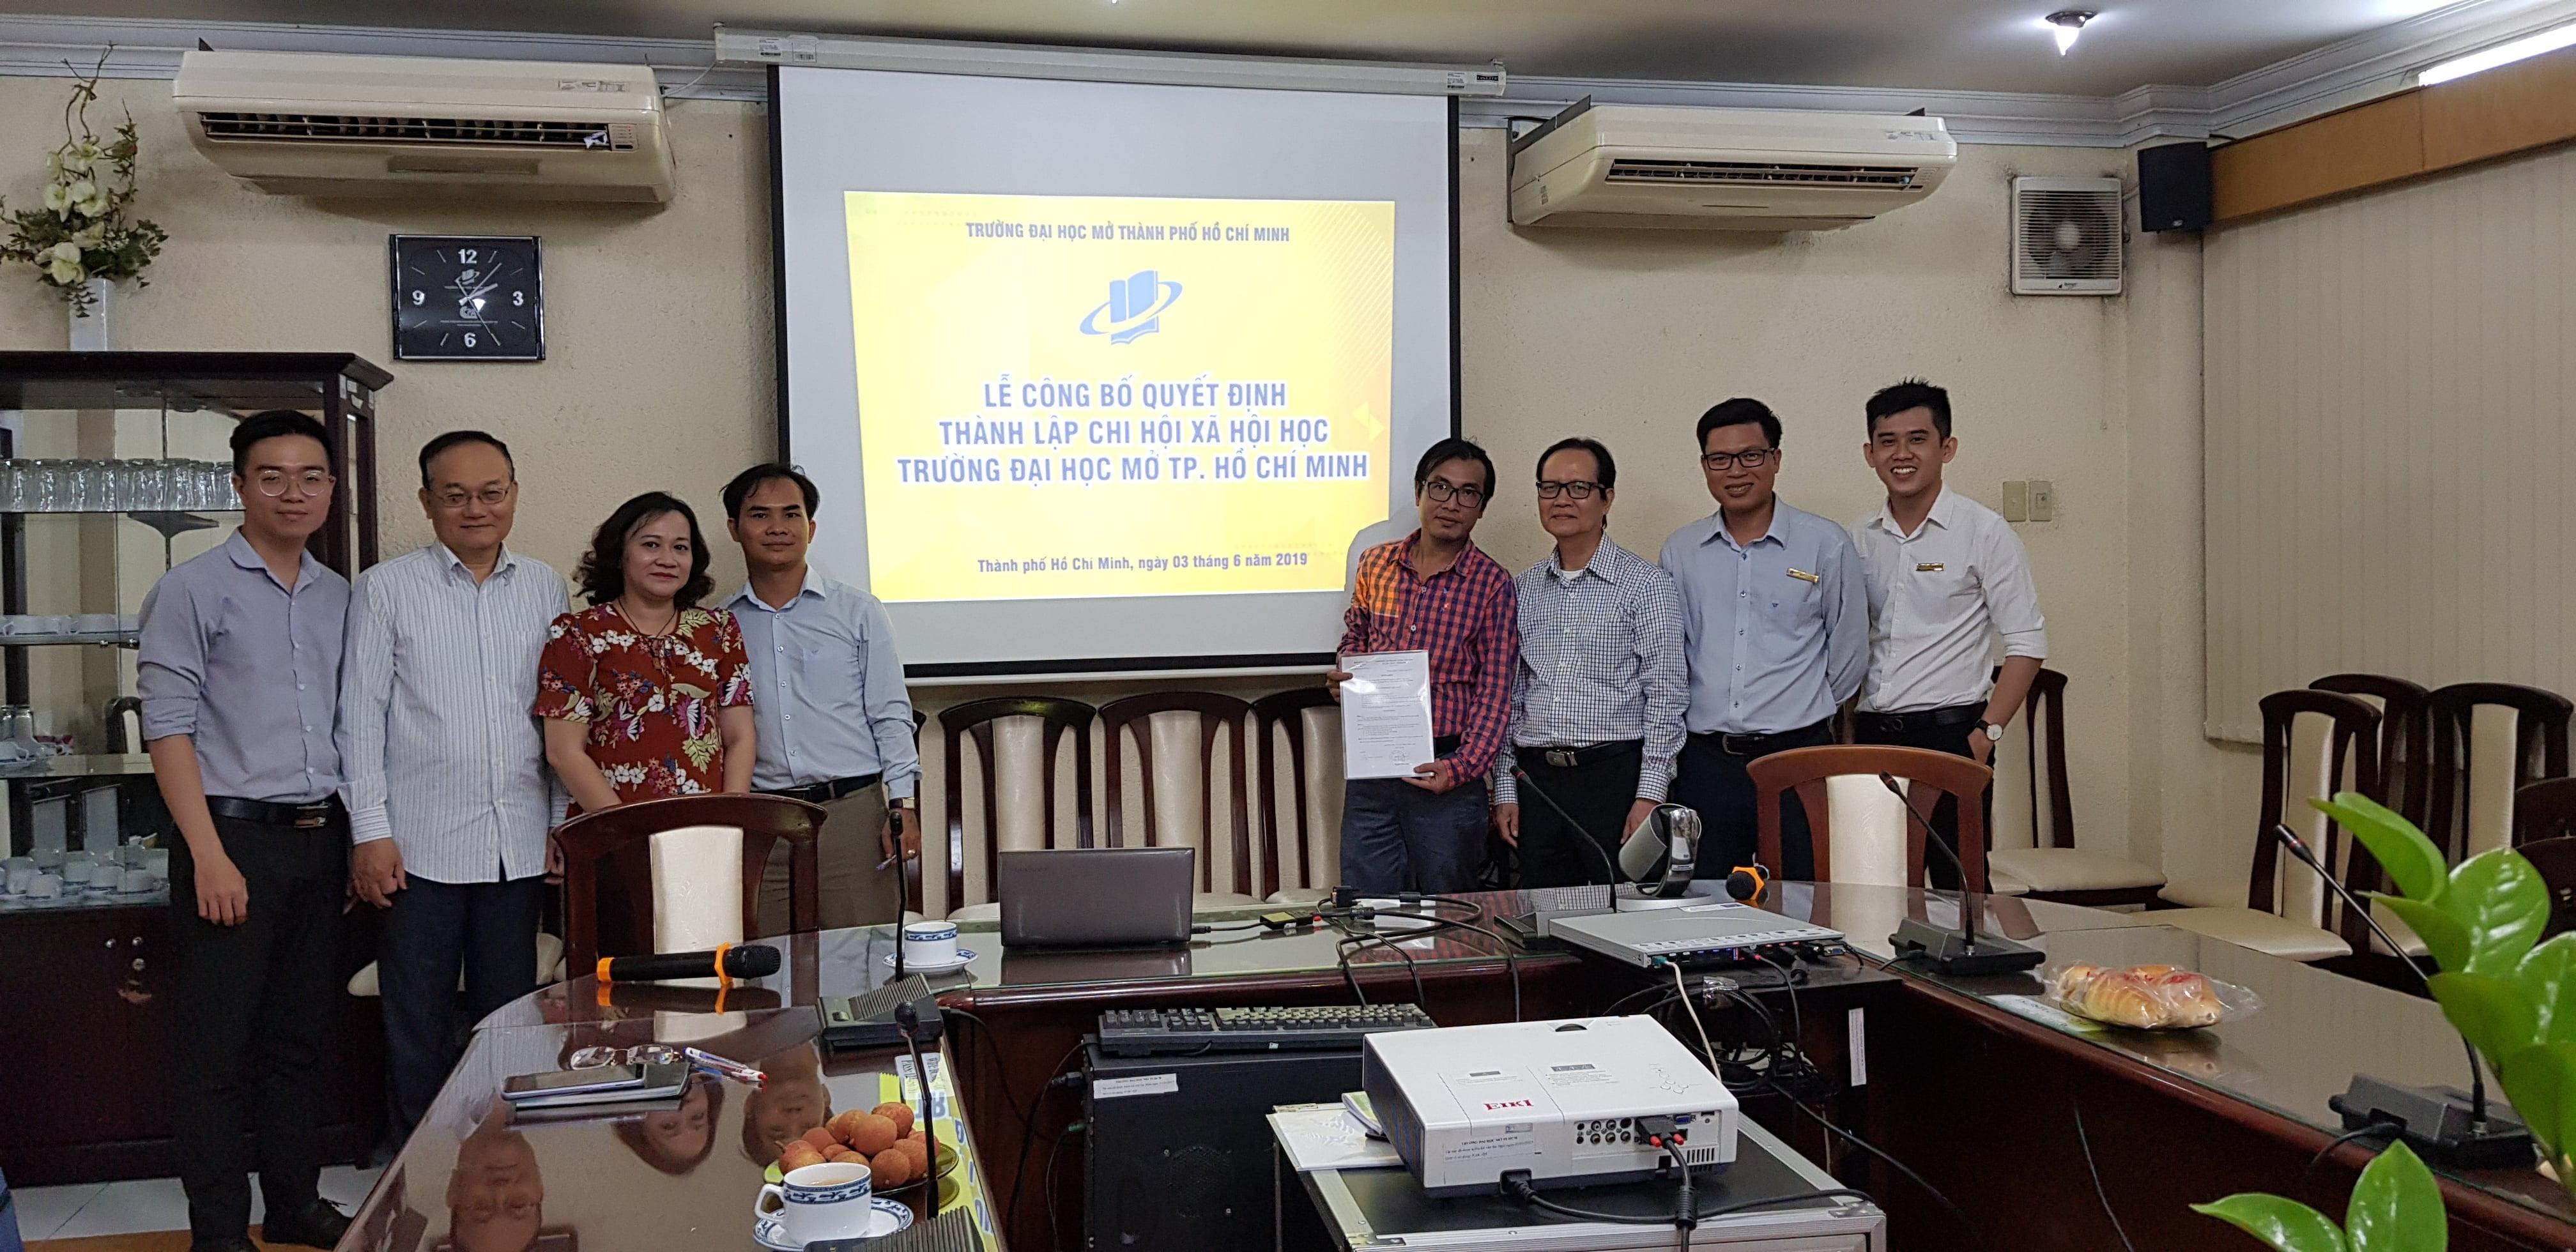 Lễ công bố quyết định thành lập Chi hội Xã Hội Học - Đại học Mở